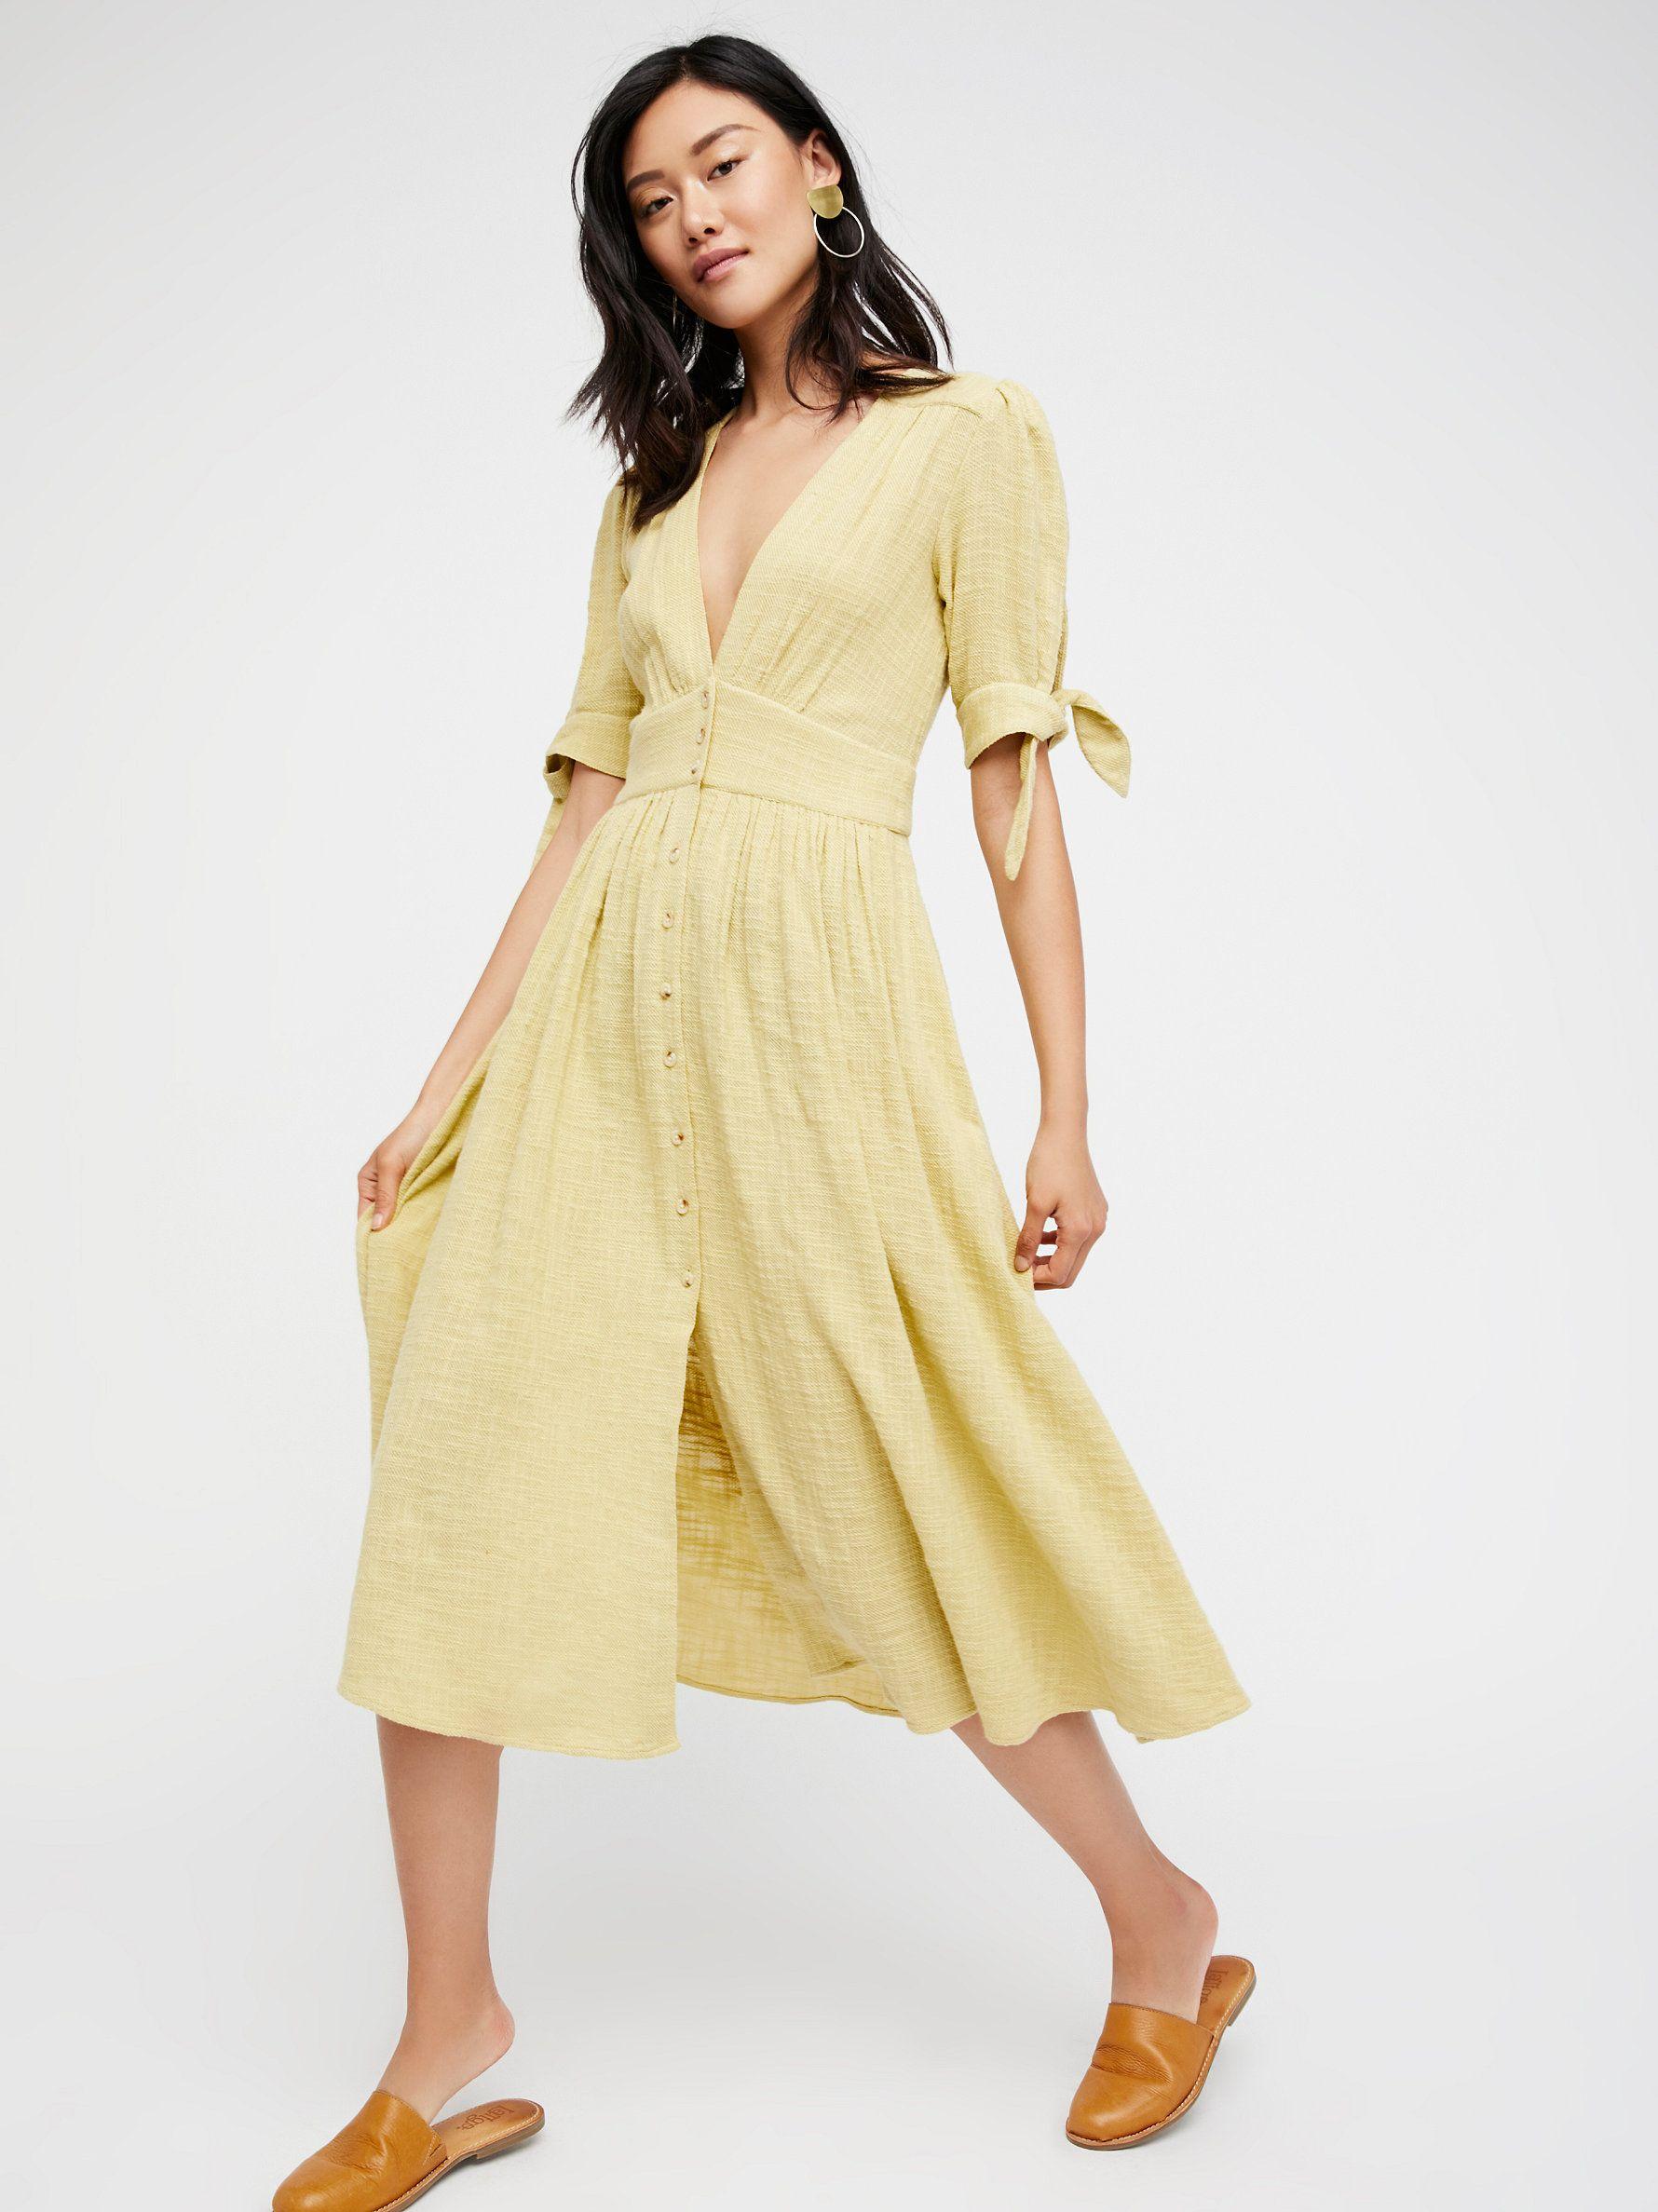 Love Of My Life Midi Dress Midi Dress Dresses Girls Fashion Dress [ 2375 x 1780 Pixel ]